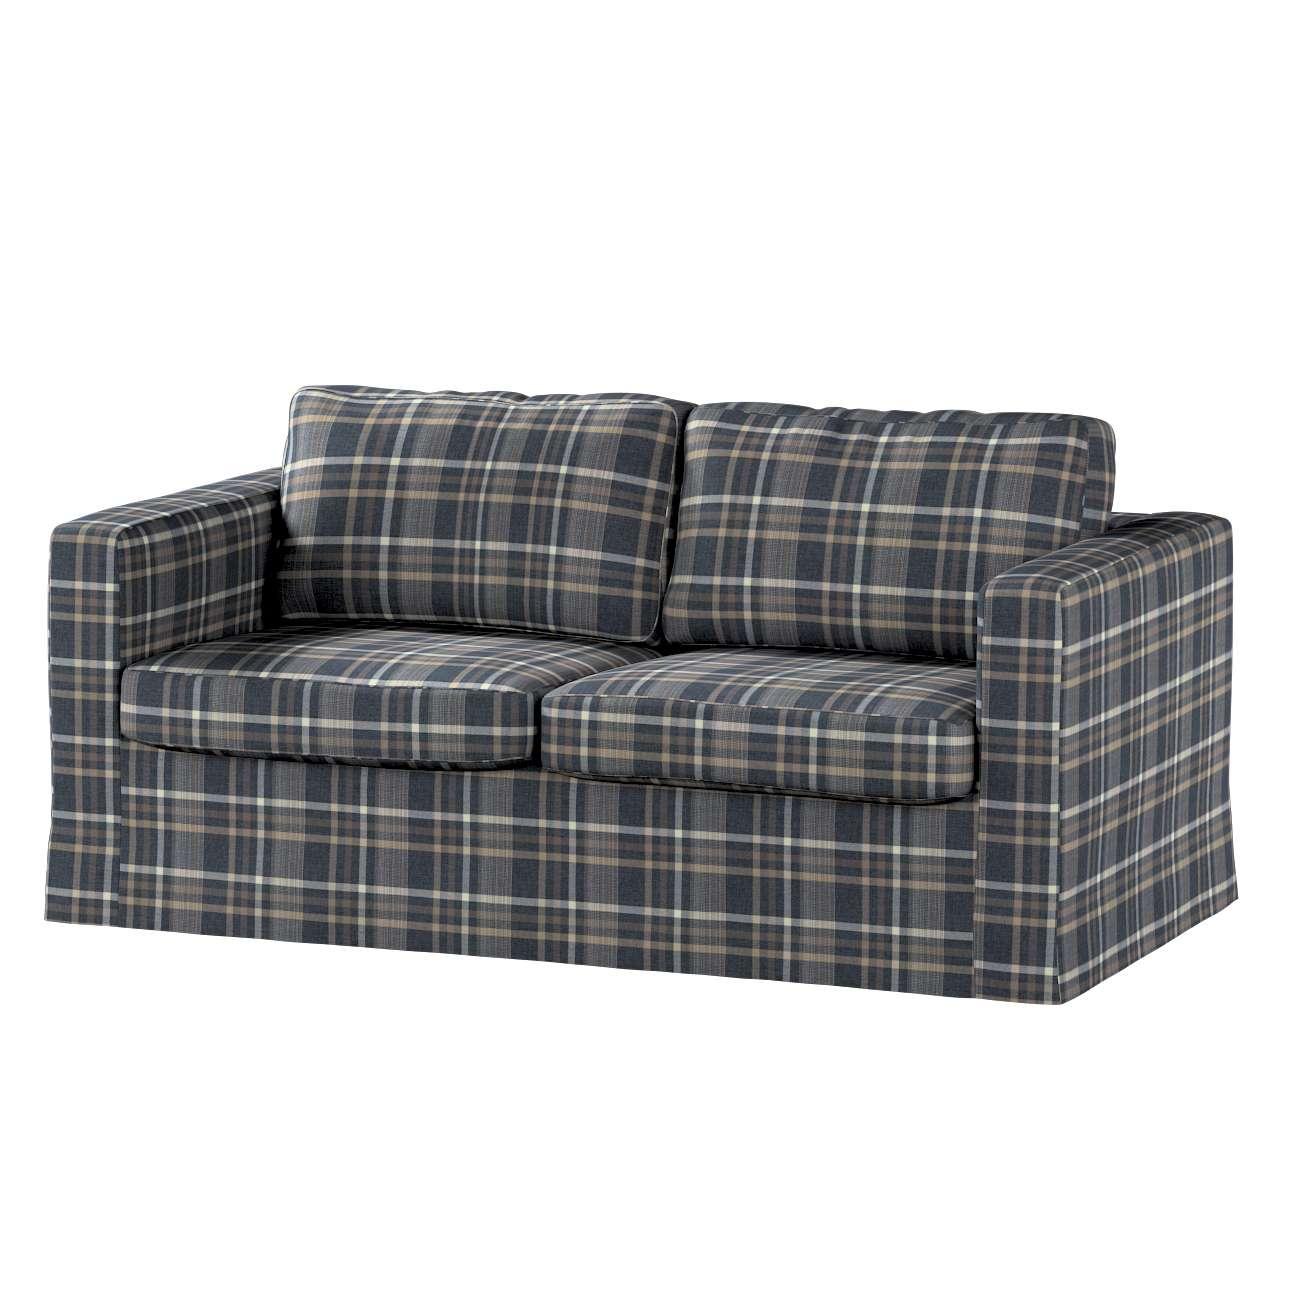 Pokrowiec na sofę Karlstad 2-osobową nierozkładaną długi w kolekcji Edinburgh, tkanina: 703-16